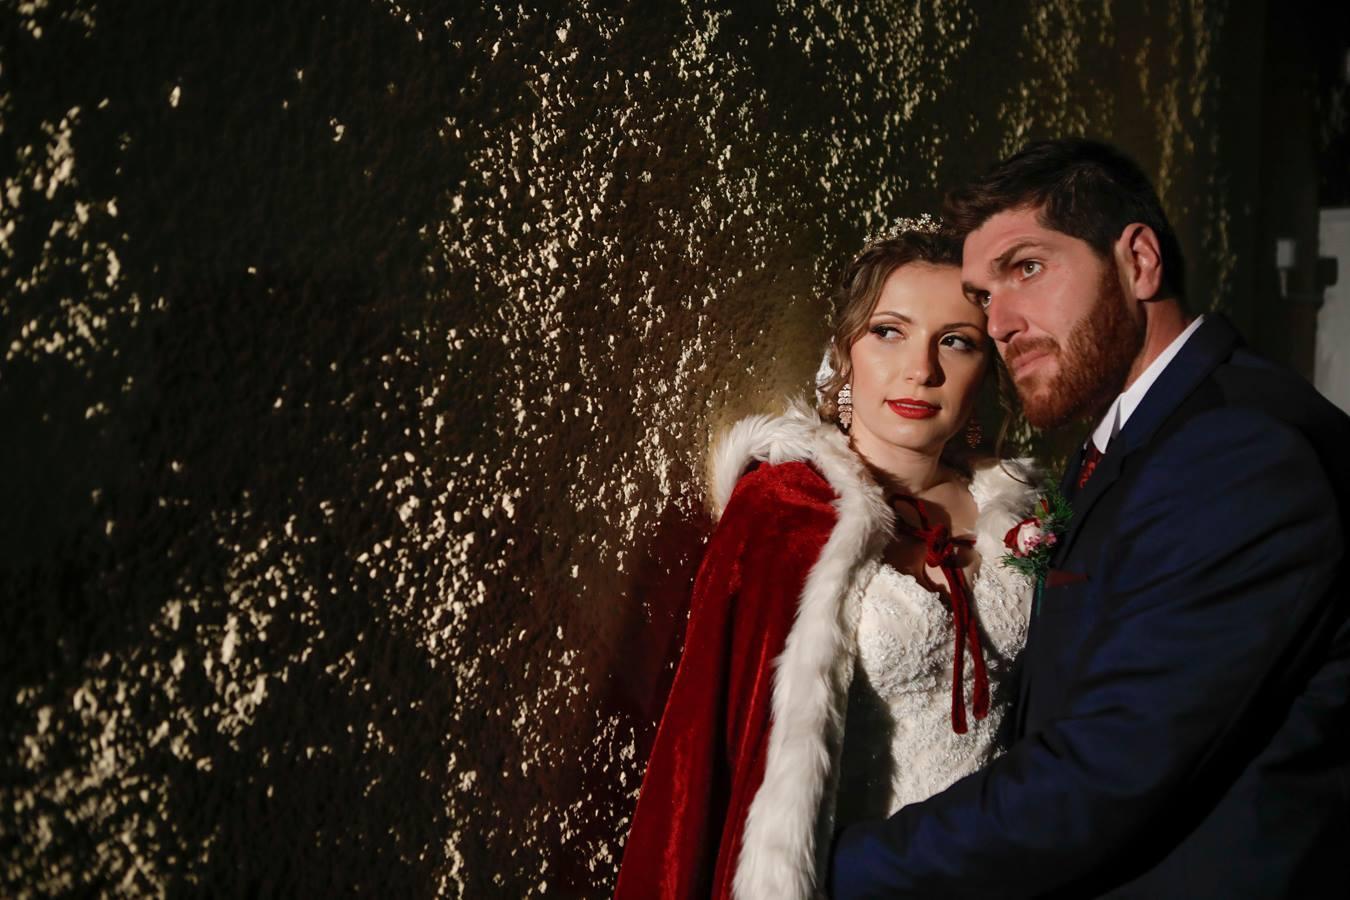 Νύφη στην Κεφαλονιά πήγε με έλκηθρο στην εκκλησιά ντυμένη σαν να βγήκε από παραμύθι